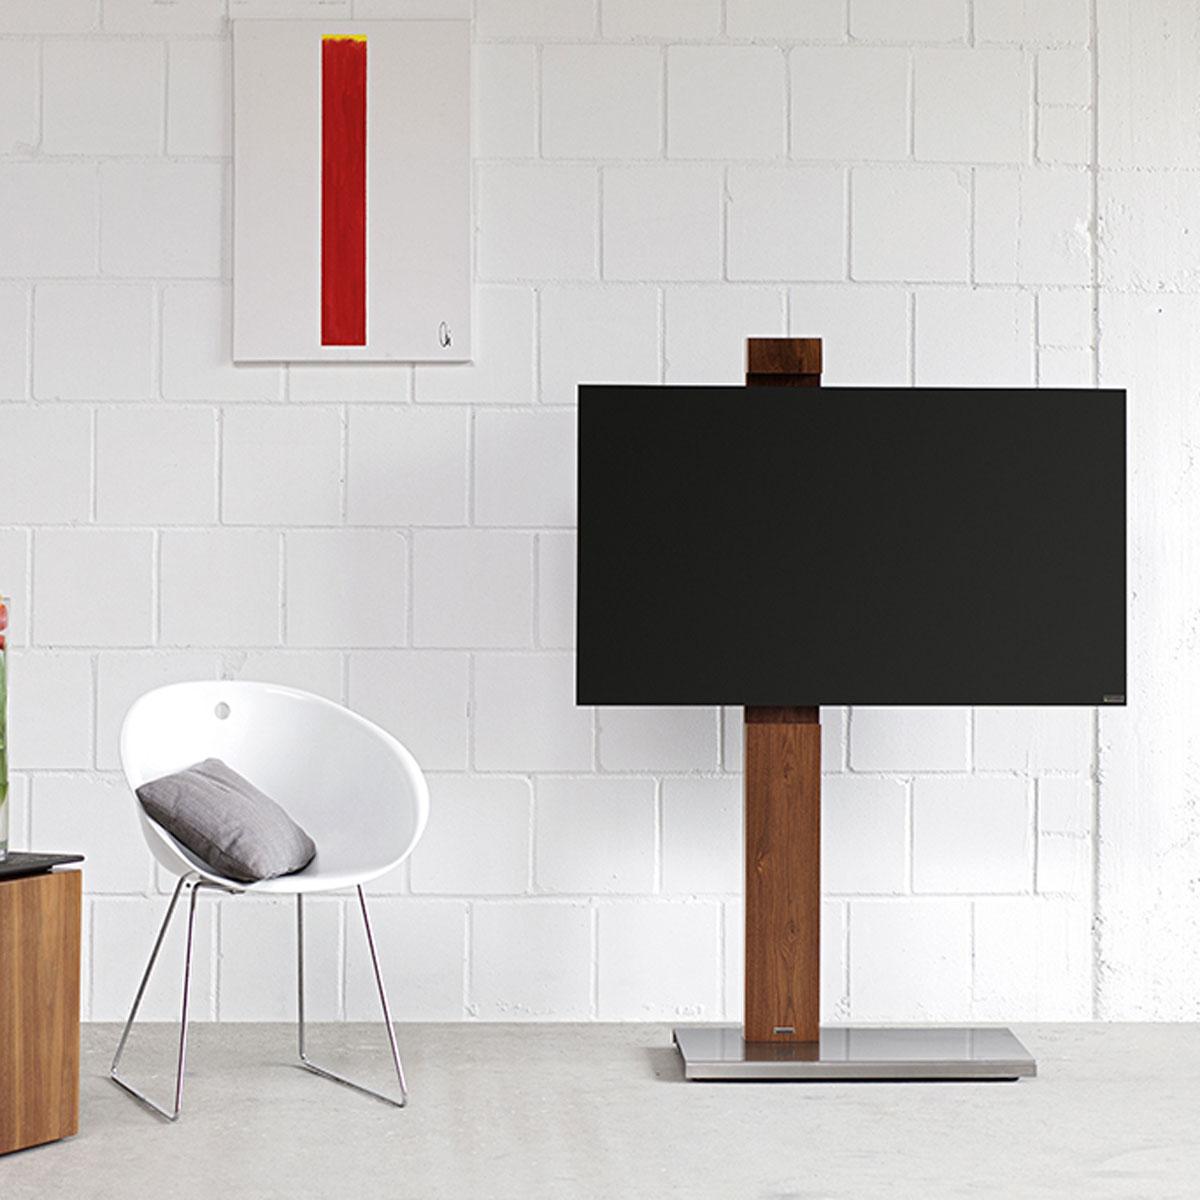 Freistehender rollbarer Fernsehhalter, mit Holzsäule. Modell Column Art 118 von Wissmann Raumobjekte.